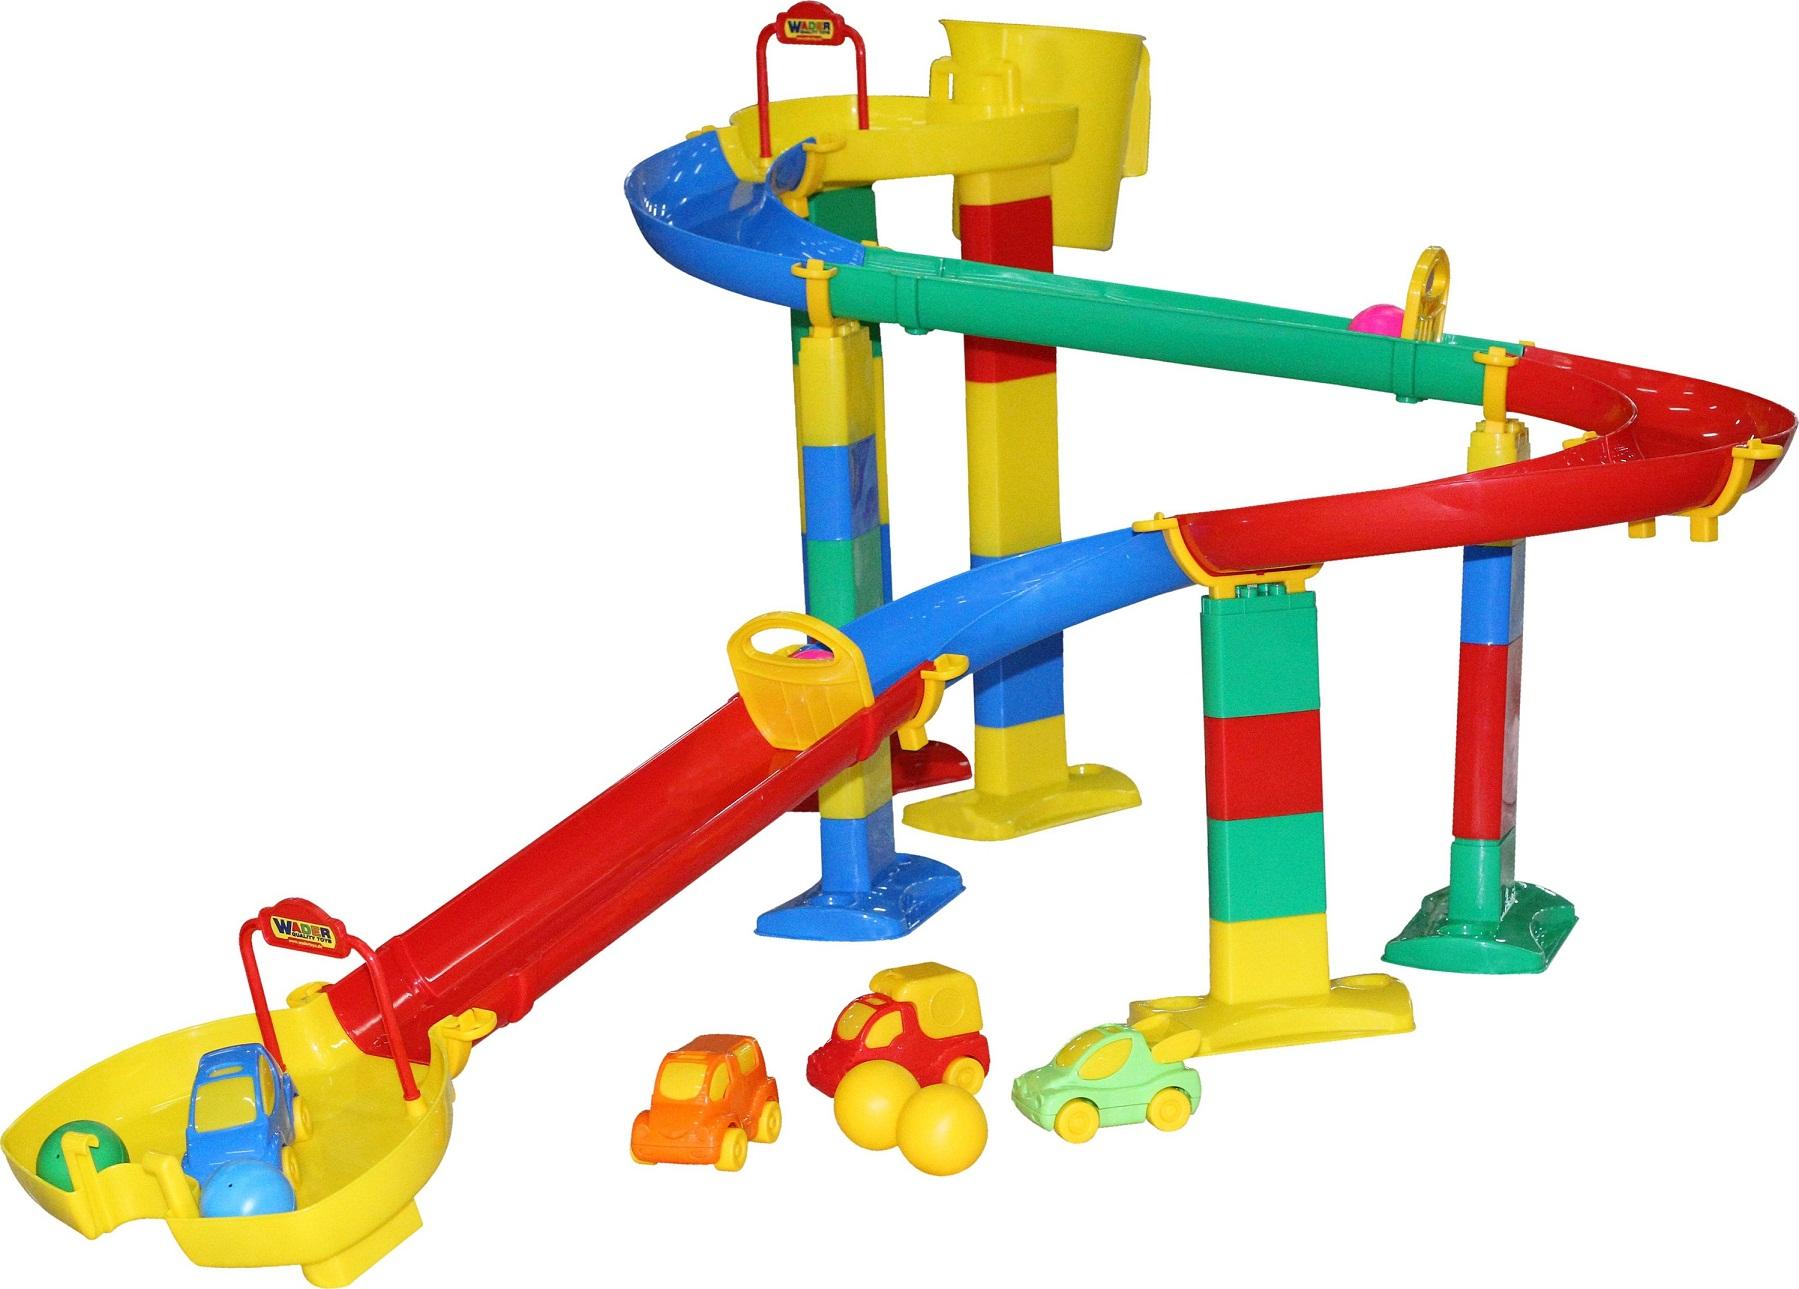 Горка для шариков, набор №3 в пакетеДетские развивающие игрушки Полесье<br>Горка для шариков, набор №3 в пакете<br>